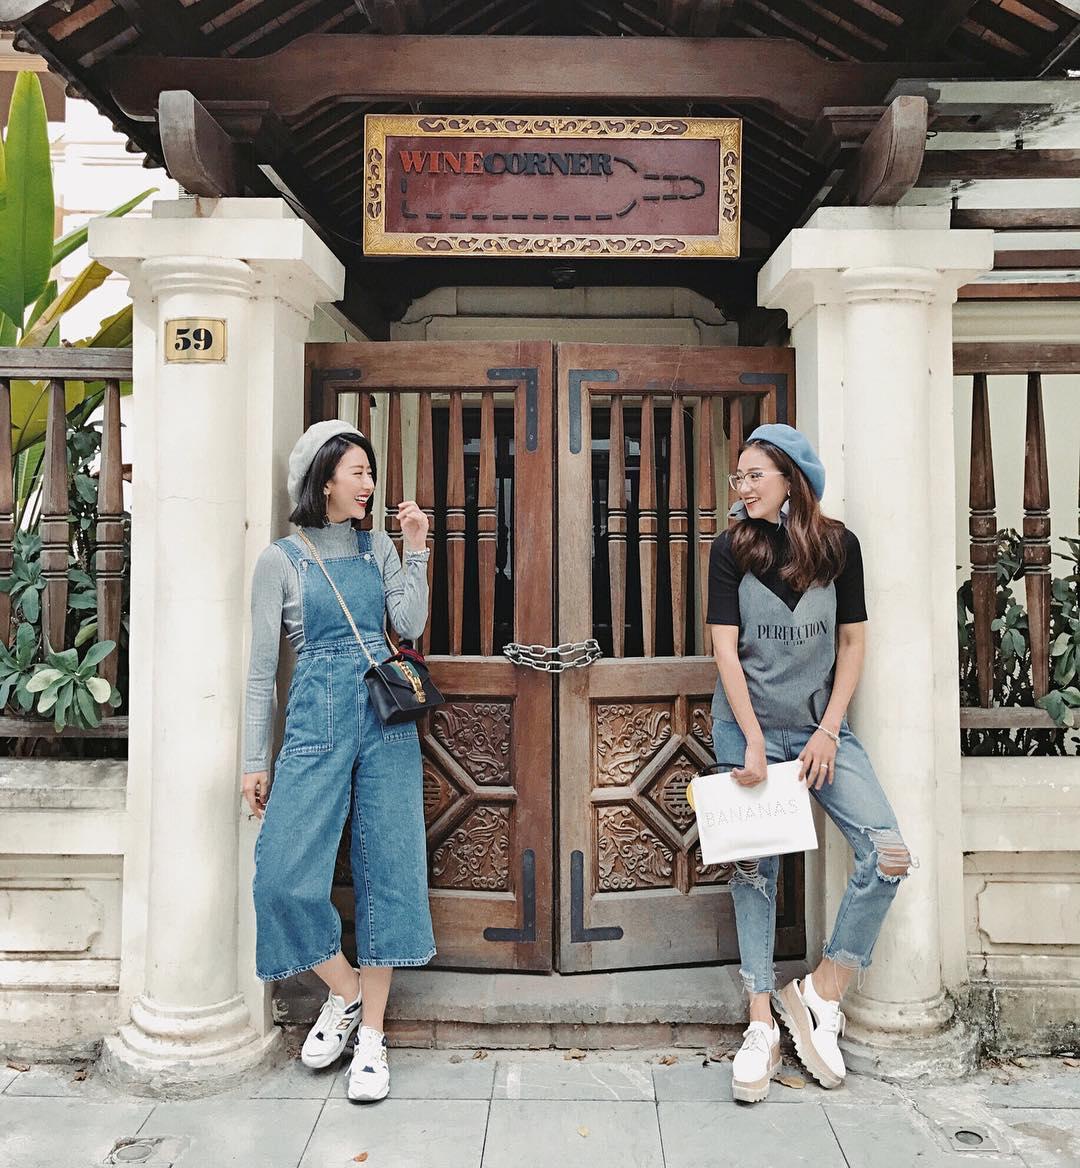 18 xu hướng được giới trẻ Việt diện tẹt ga trong năm 2016 - Ảnh 9.